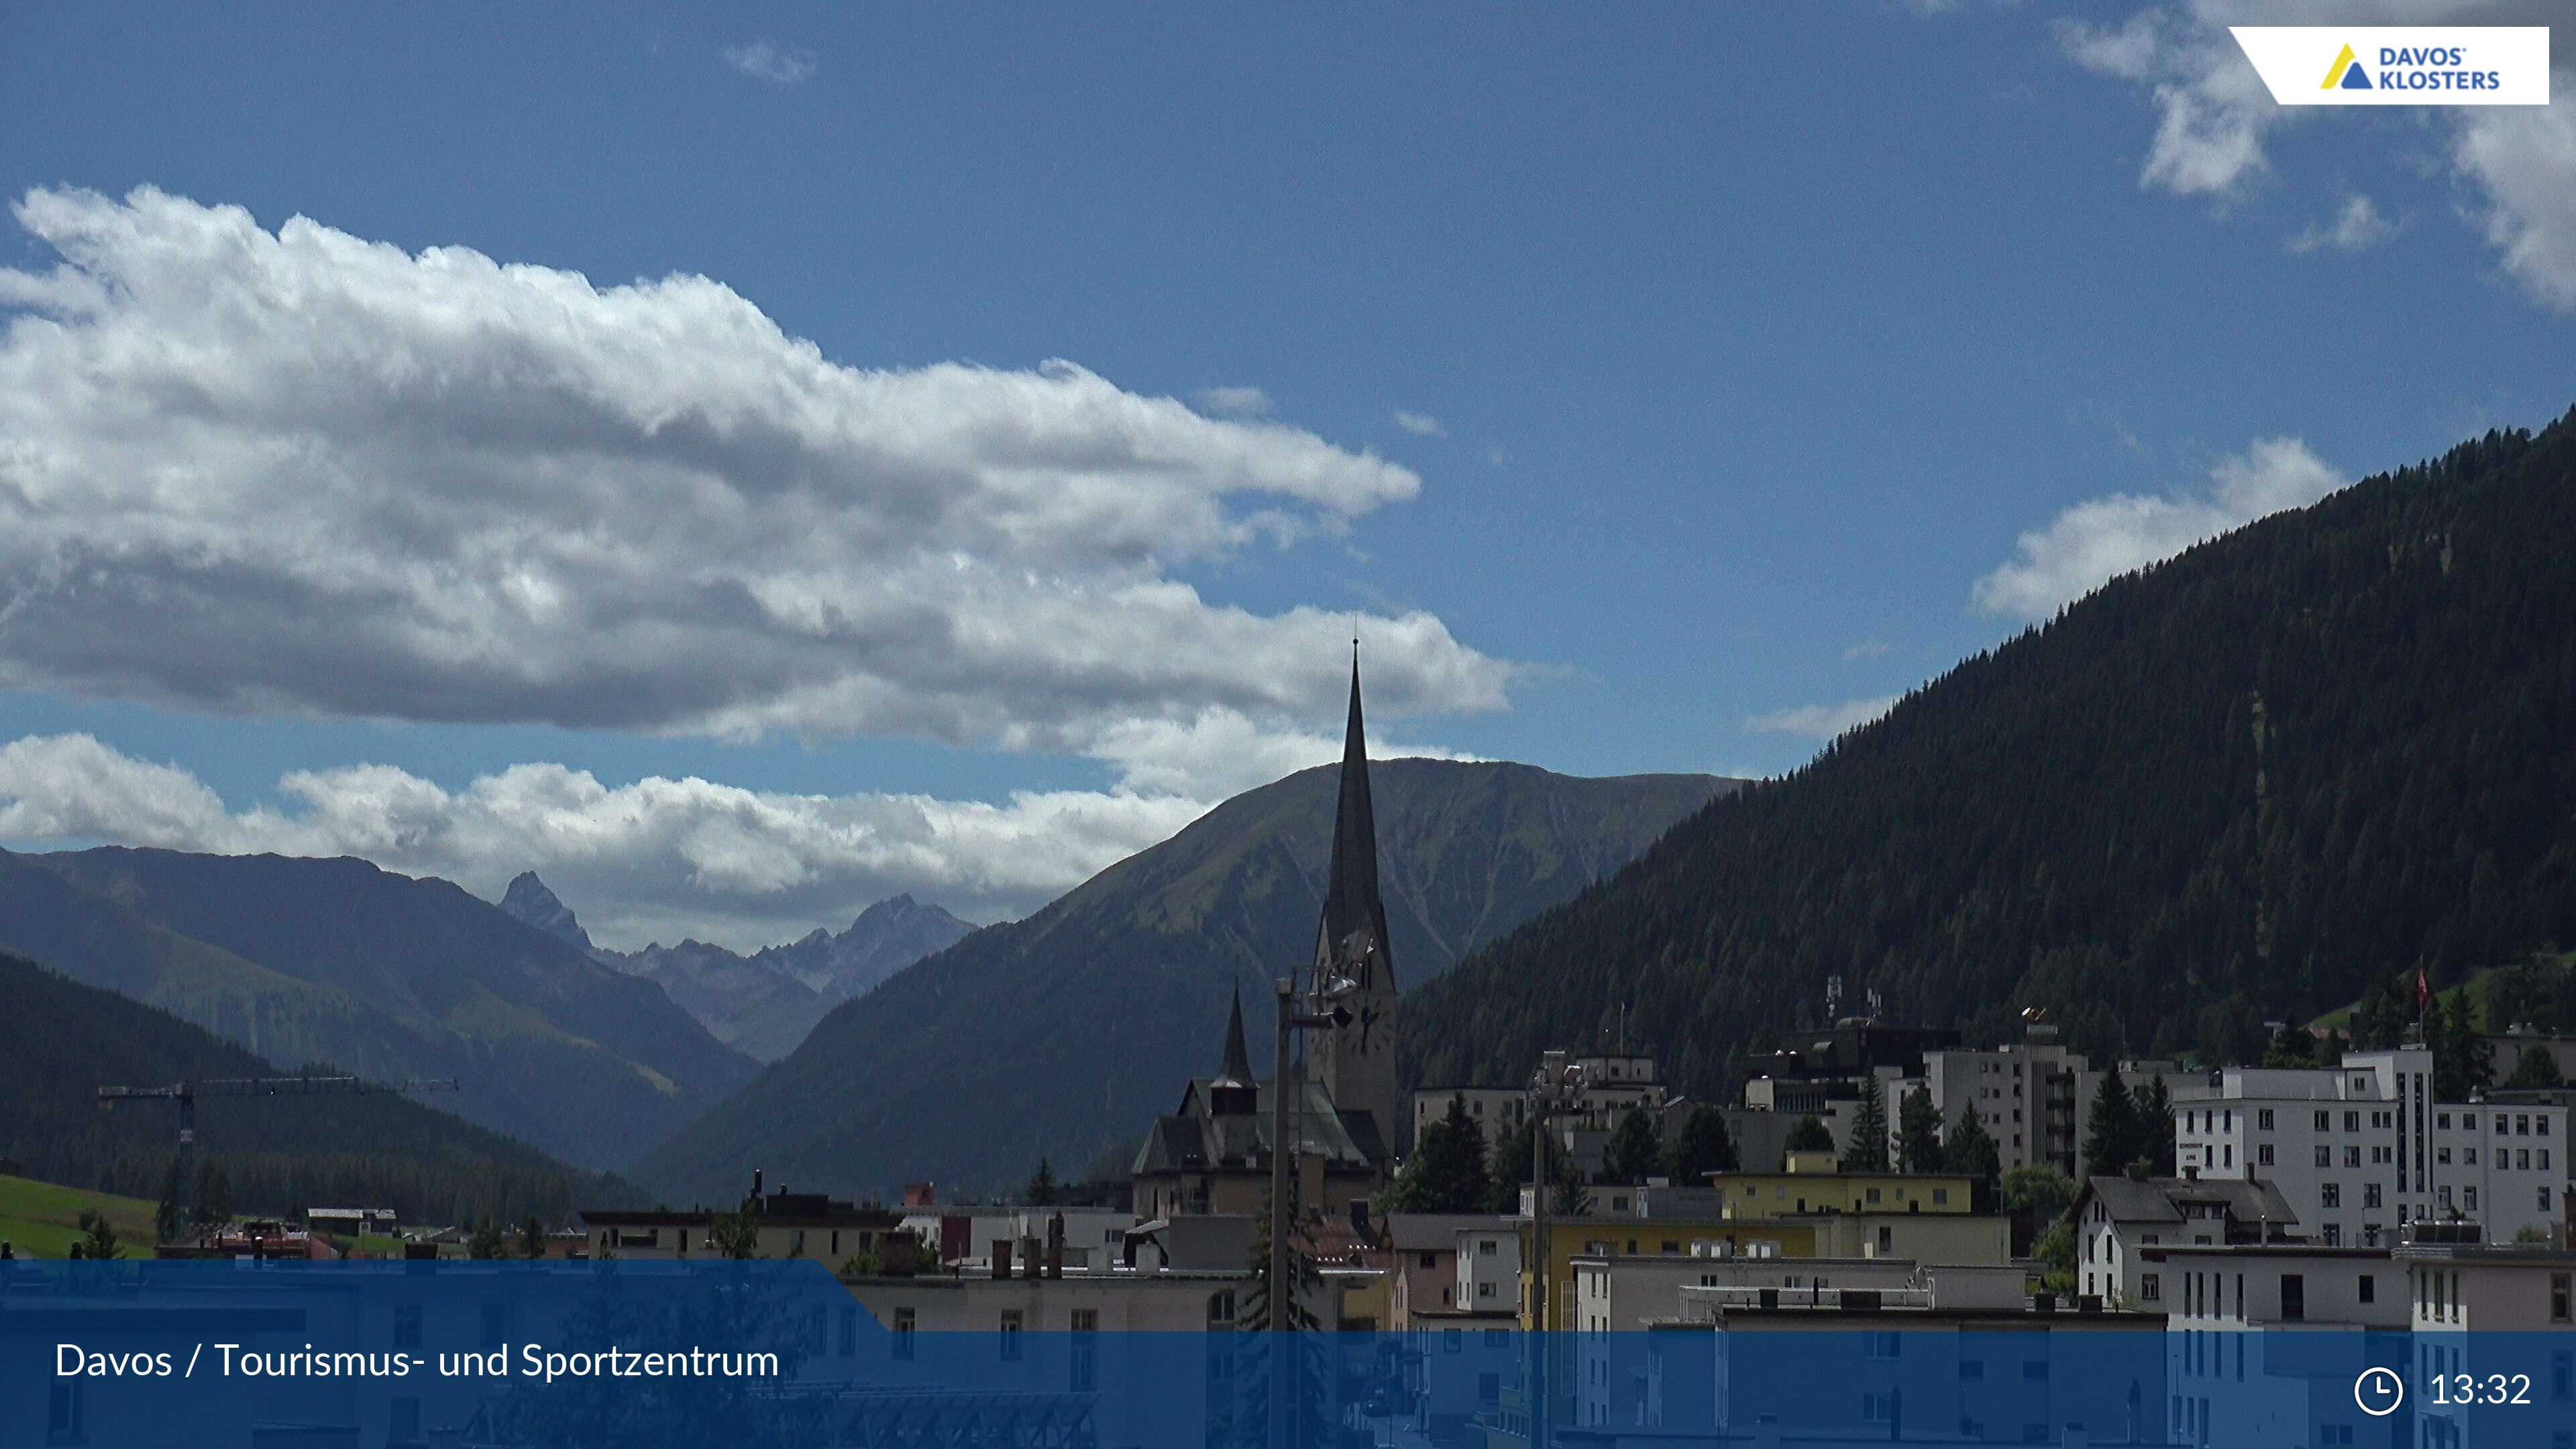 Alpine Mittelschule Davos